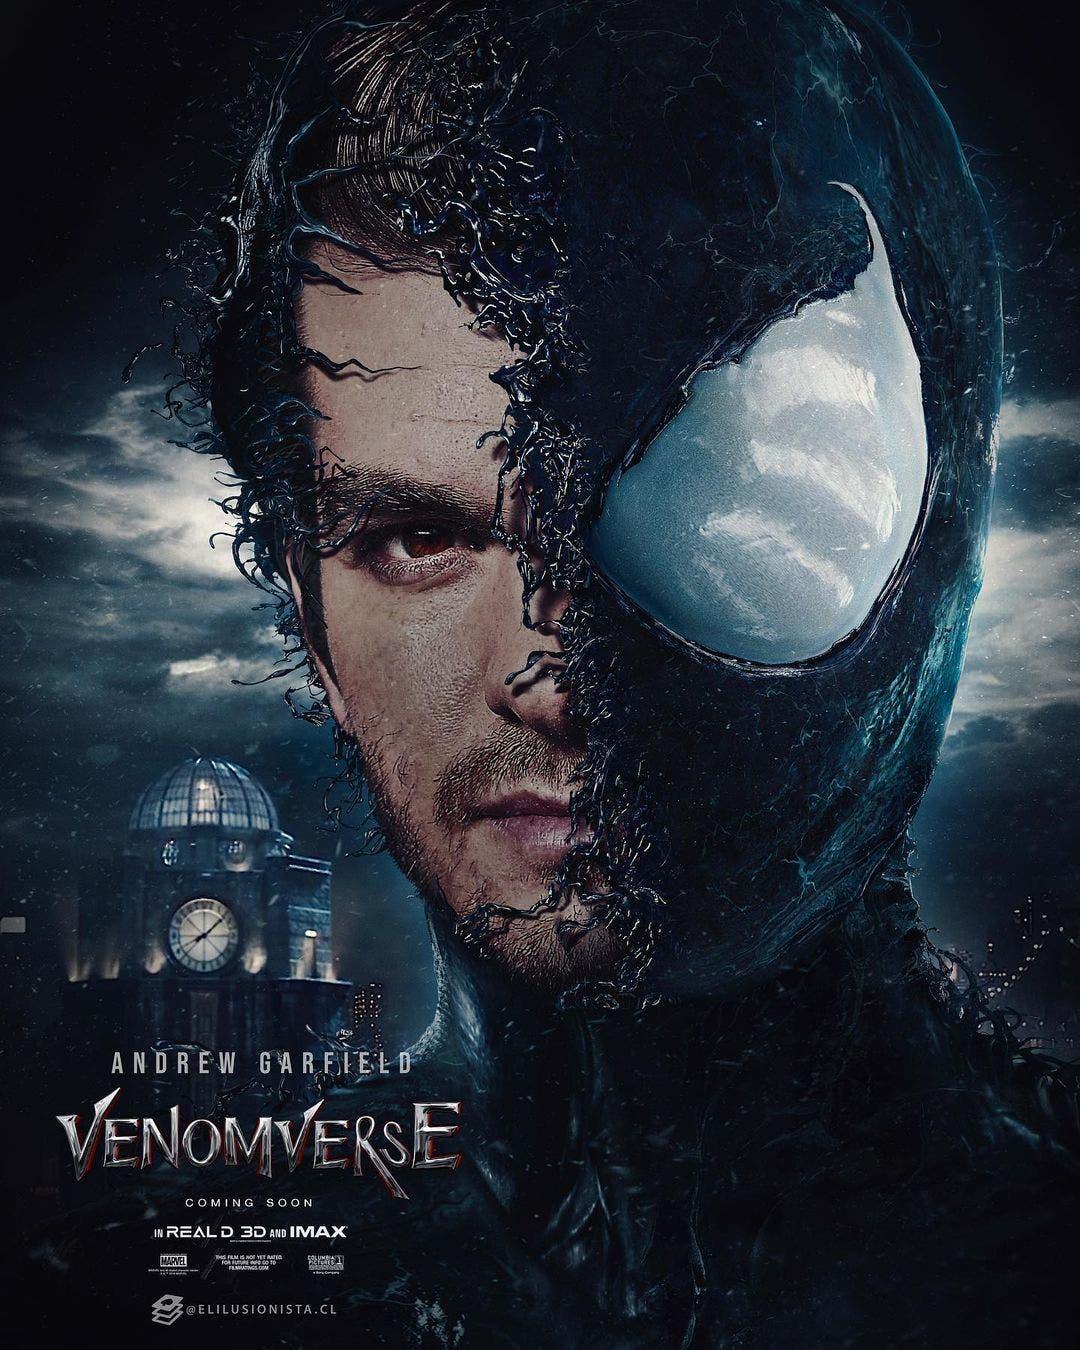 Andrew Garfield Spider-man Venom